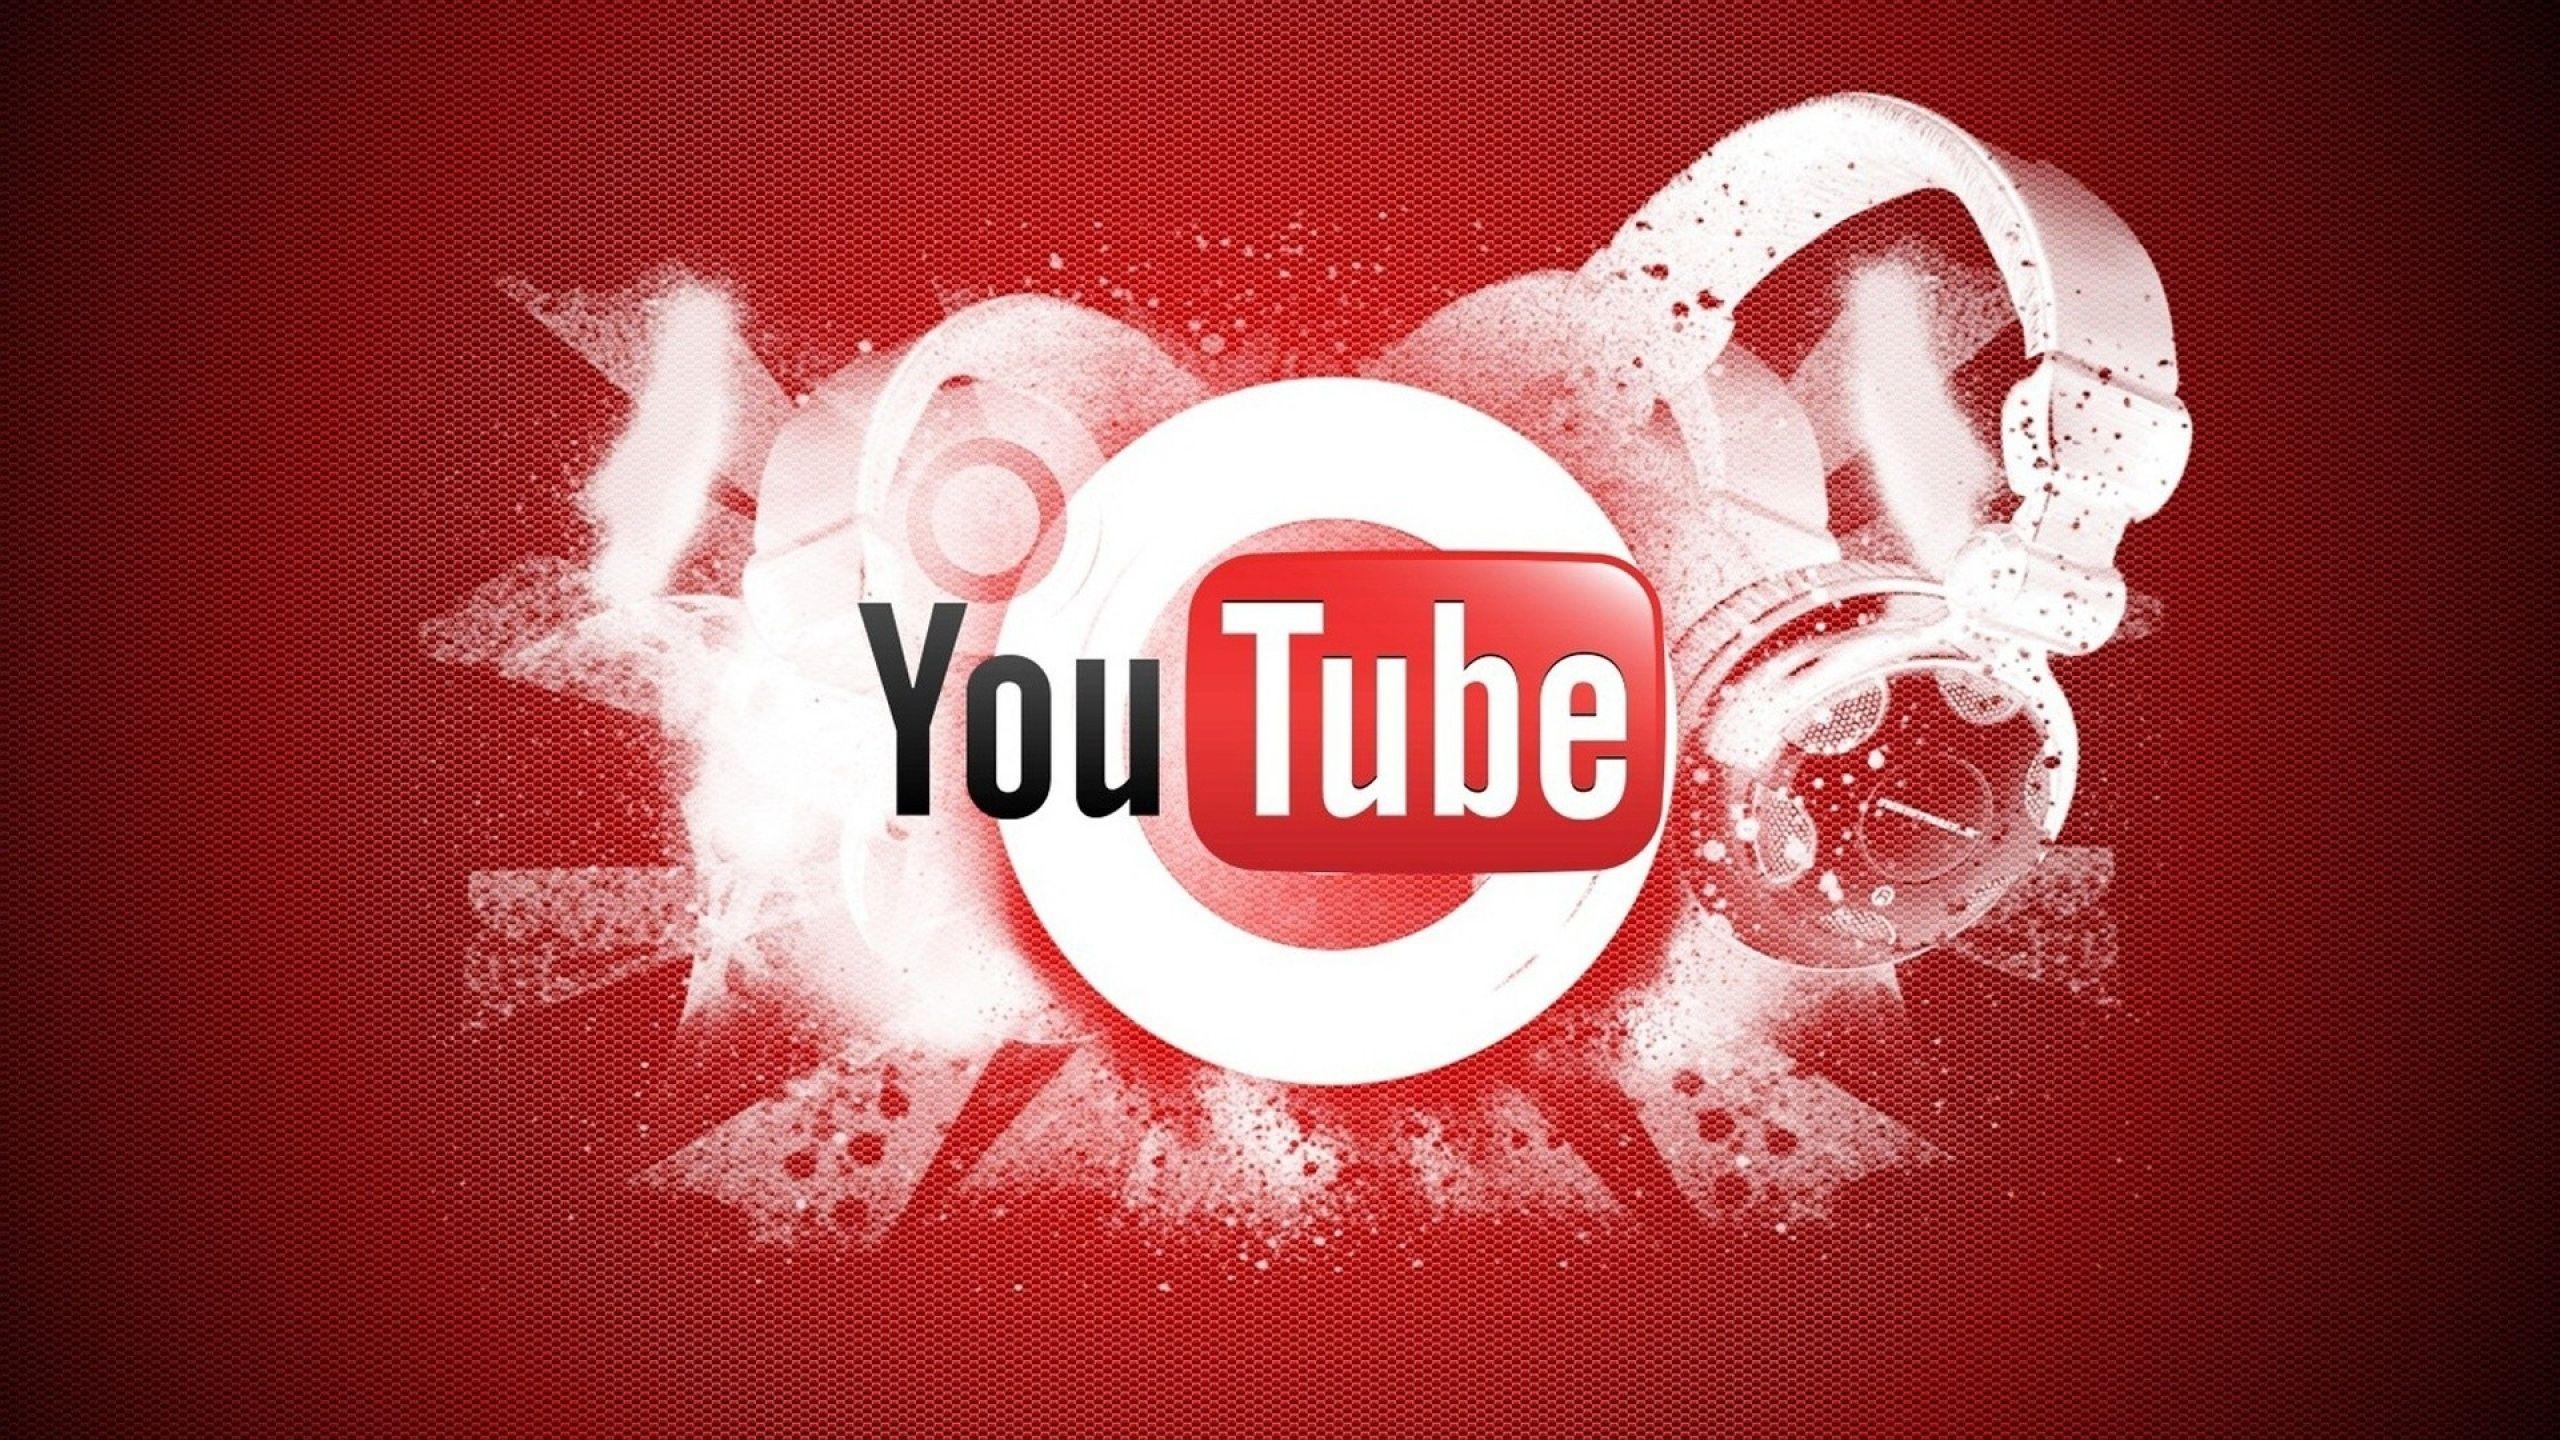 2560x1440 Wallpaper youtube, video hosting, logo, google